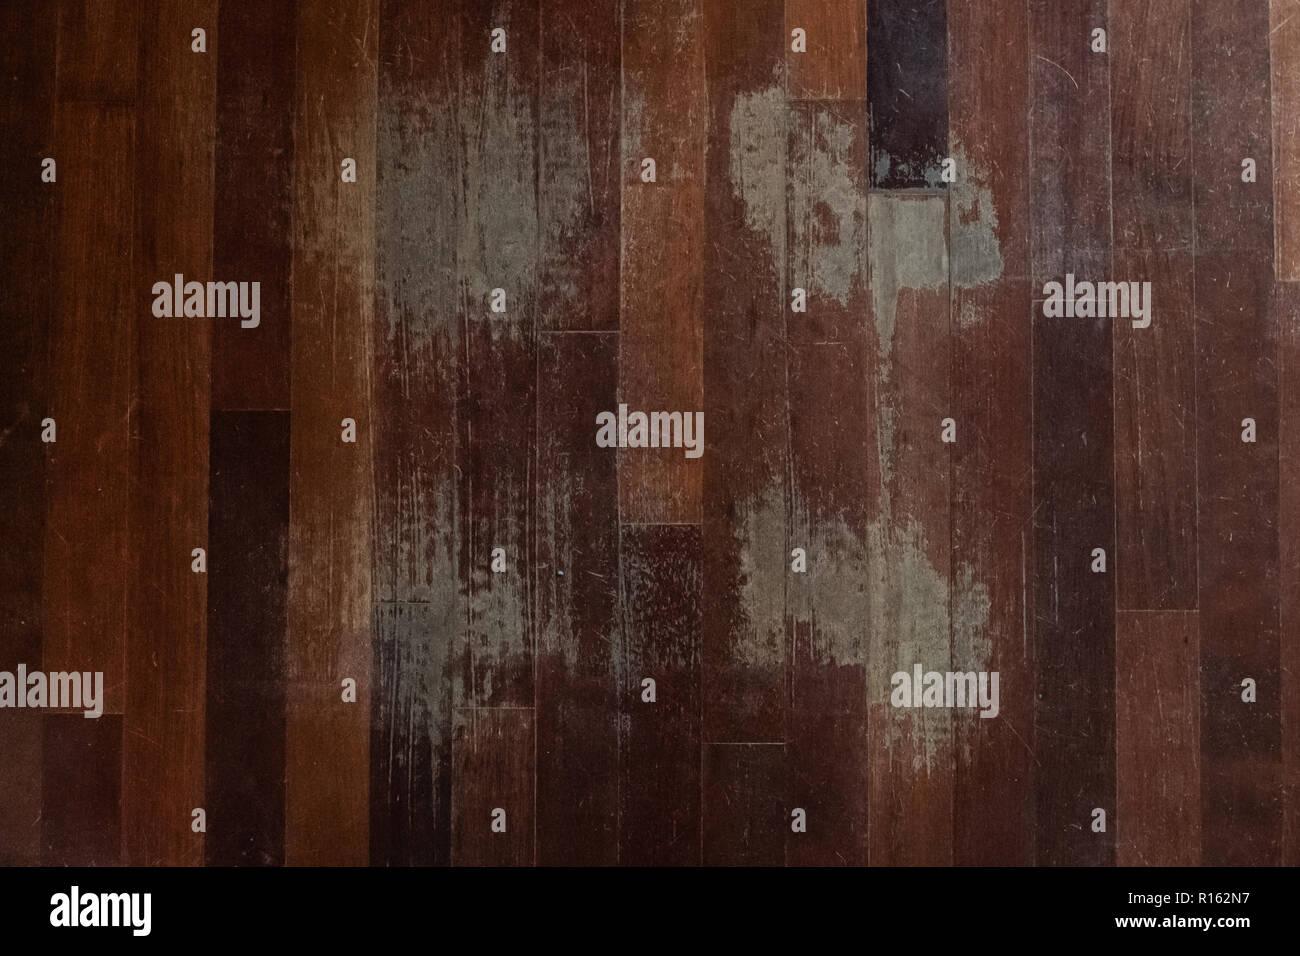 Holzfußboden Kratzer ~ Blick von oben der alte zerkratzte holzfußboden der wartung